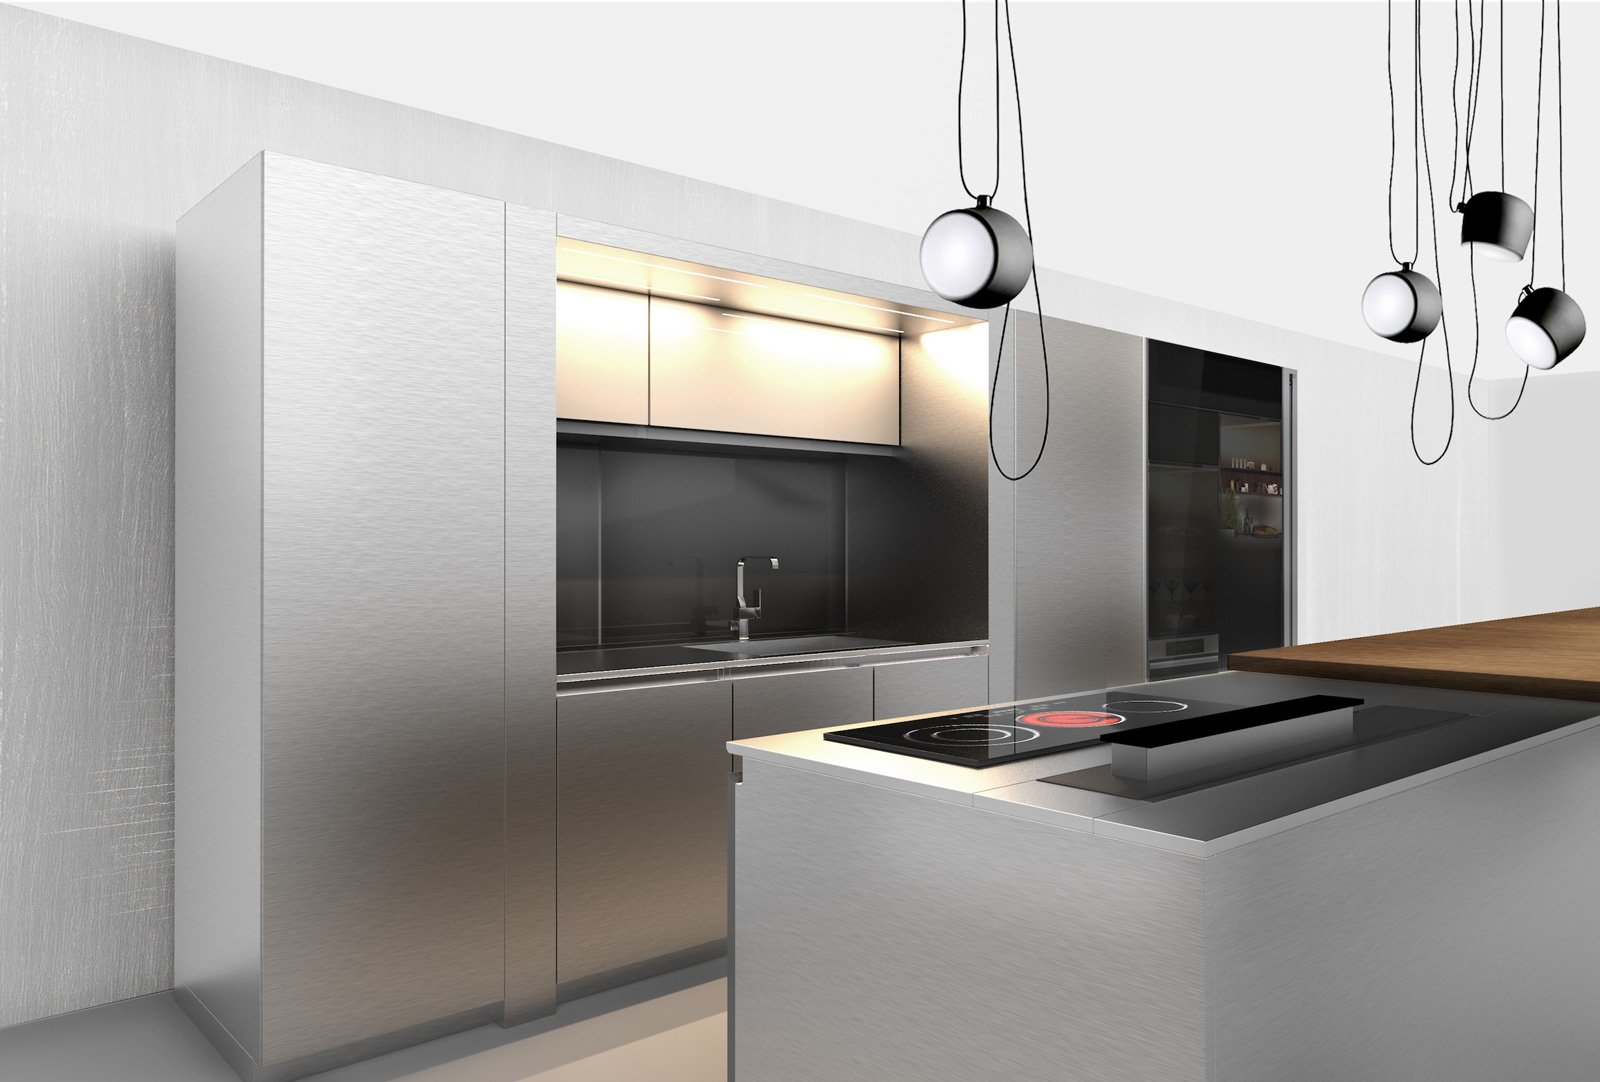 Cucine in grigio di inaspettata freschezza novit eurocucina in anteprima cose di casa - Cucine salone del mobile 2017 ...